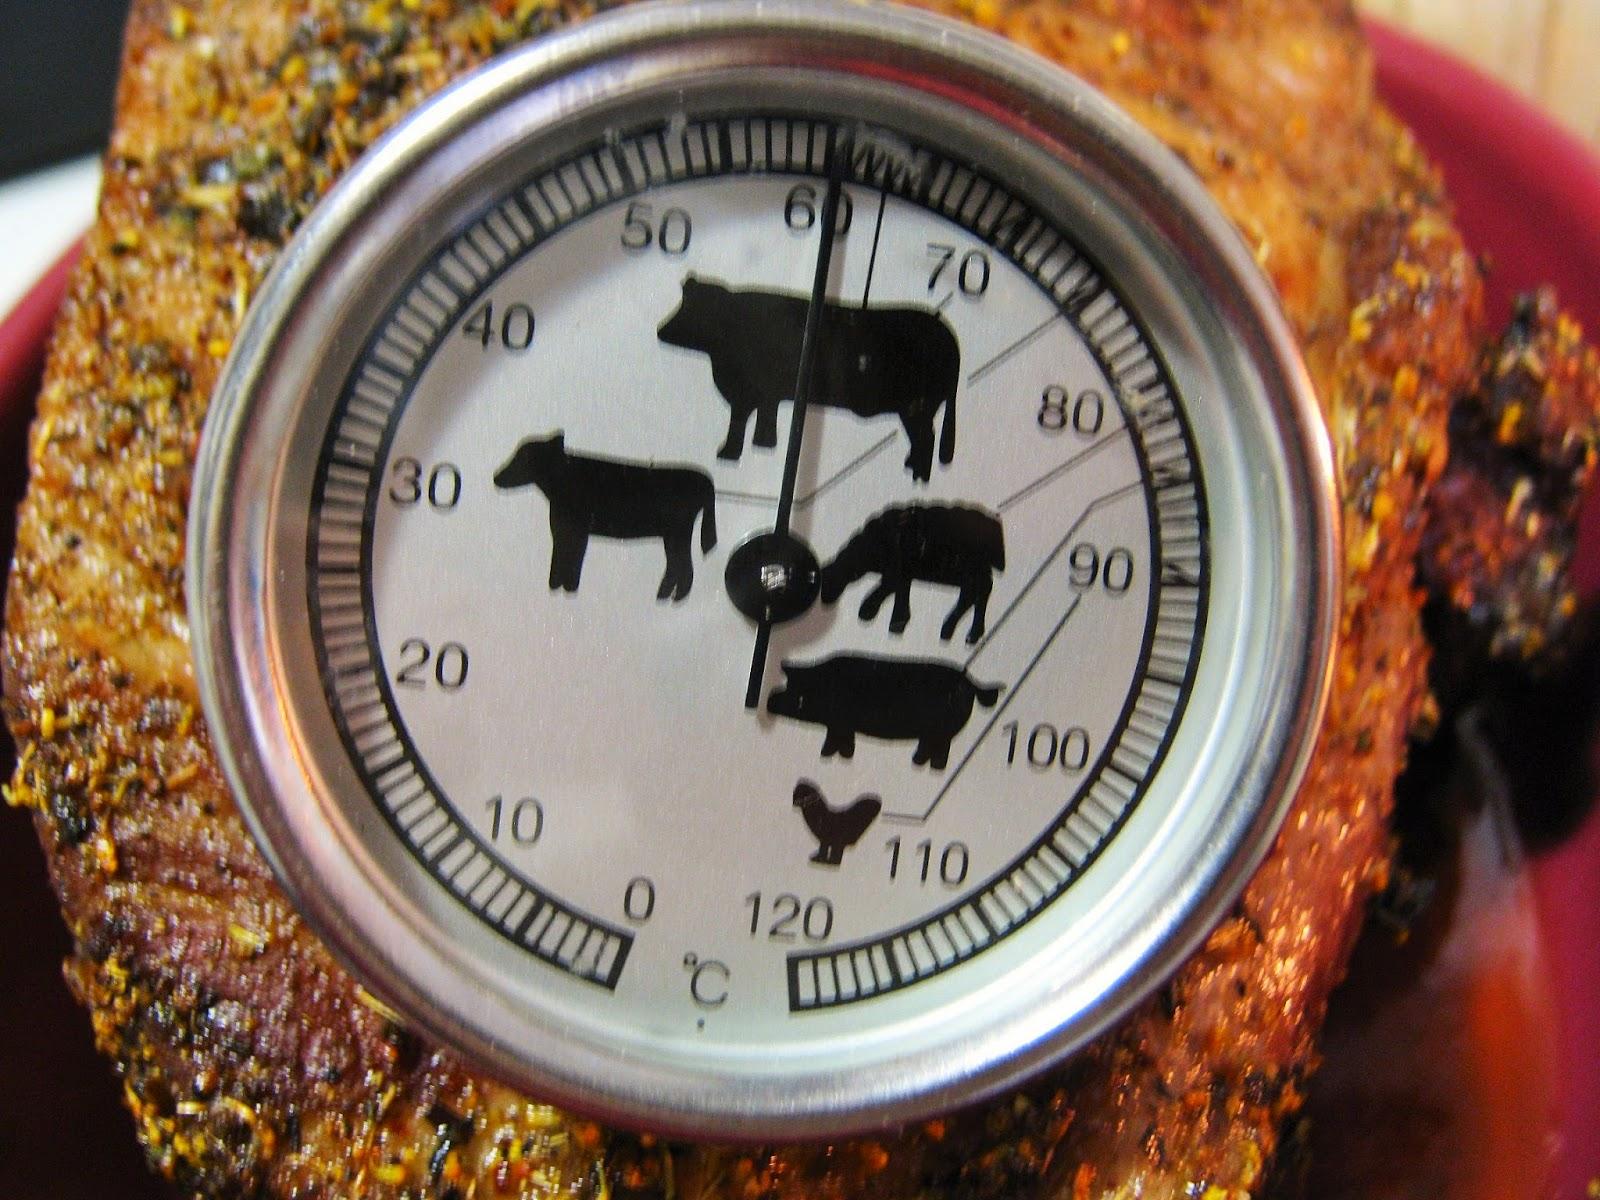 termometro da carne nel collo di maiale in cottura